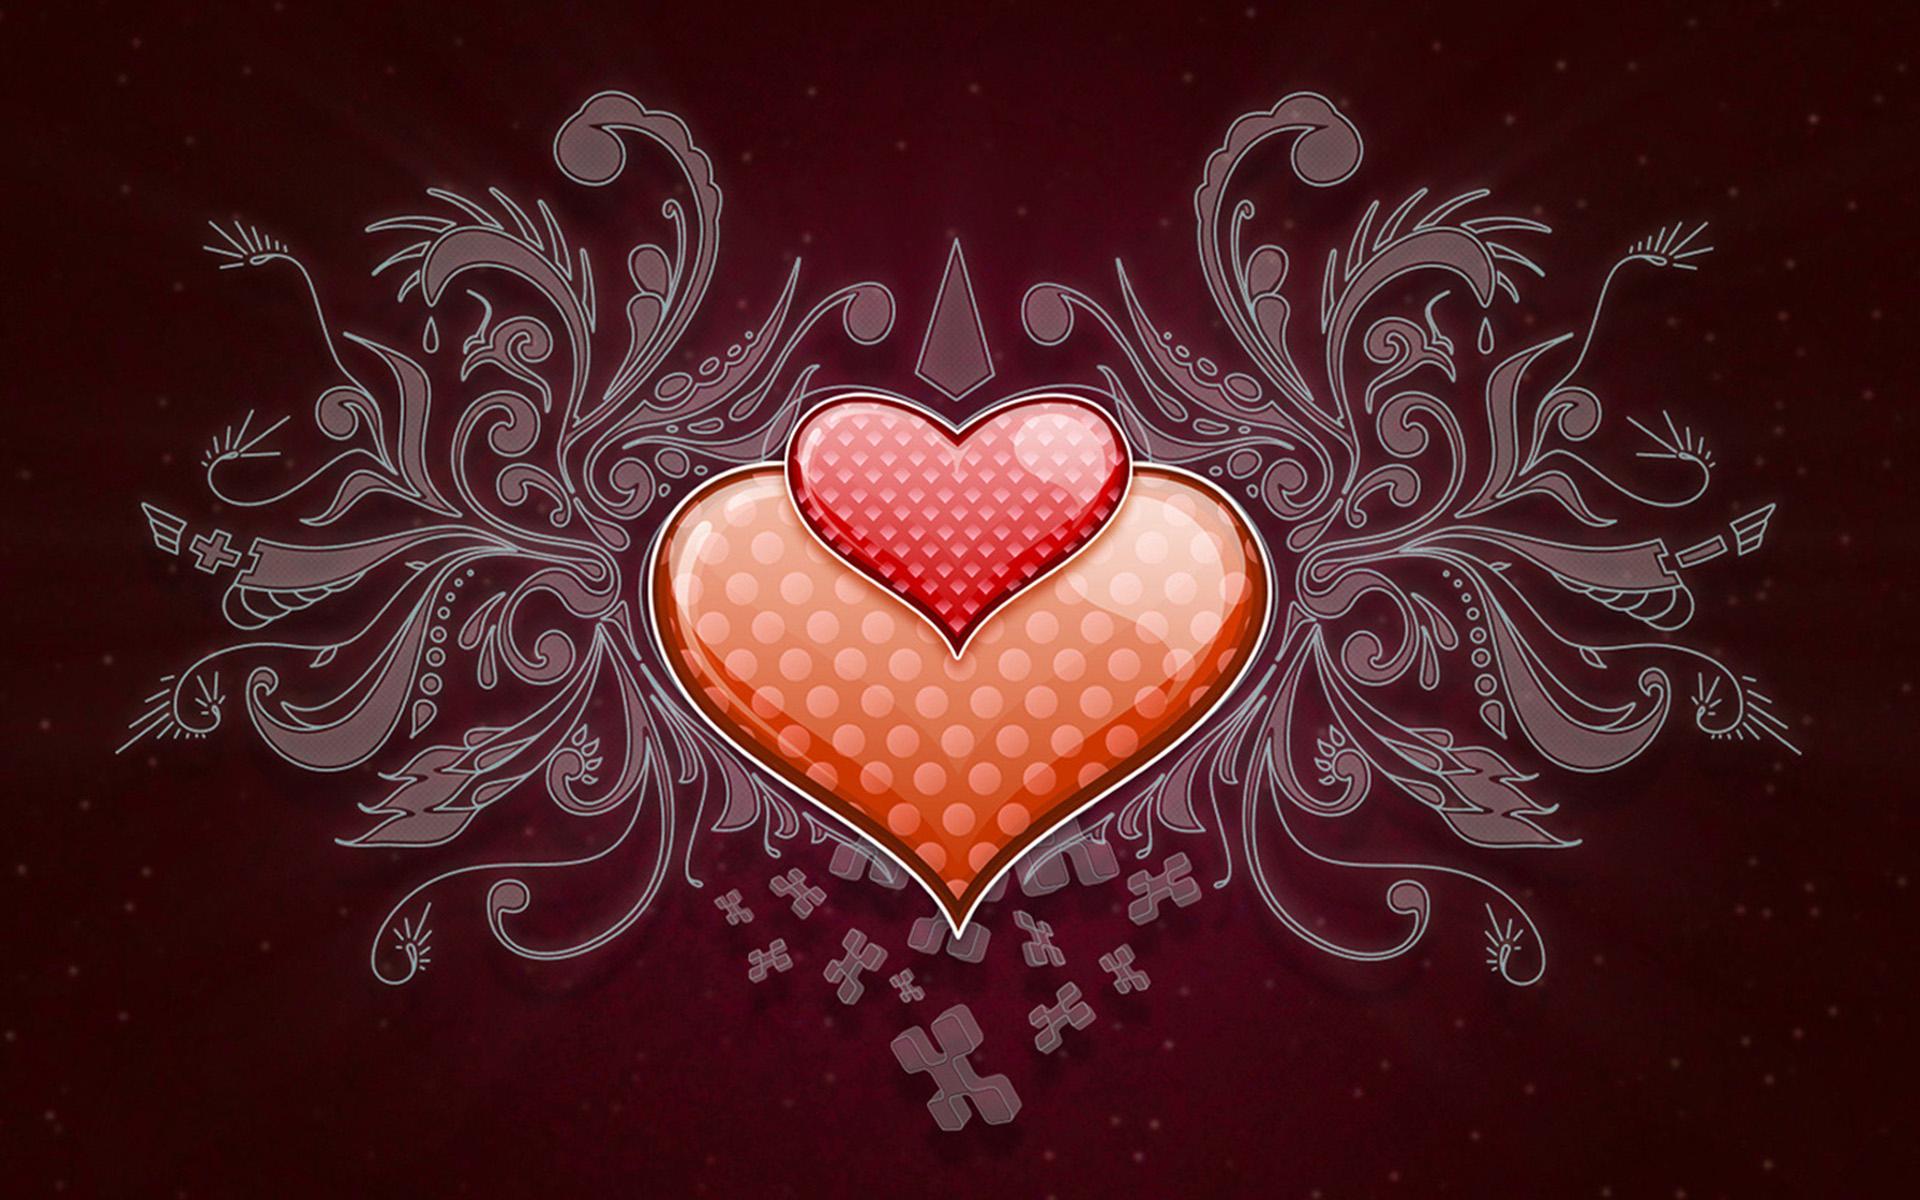 صور دباديب عيد الحب 2019 وقلوب عيد الحب